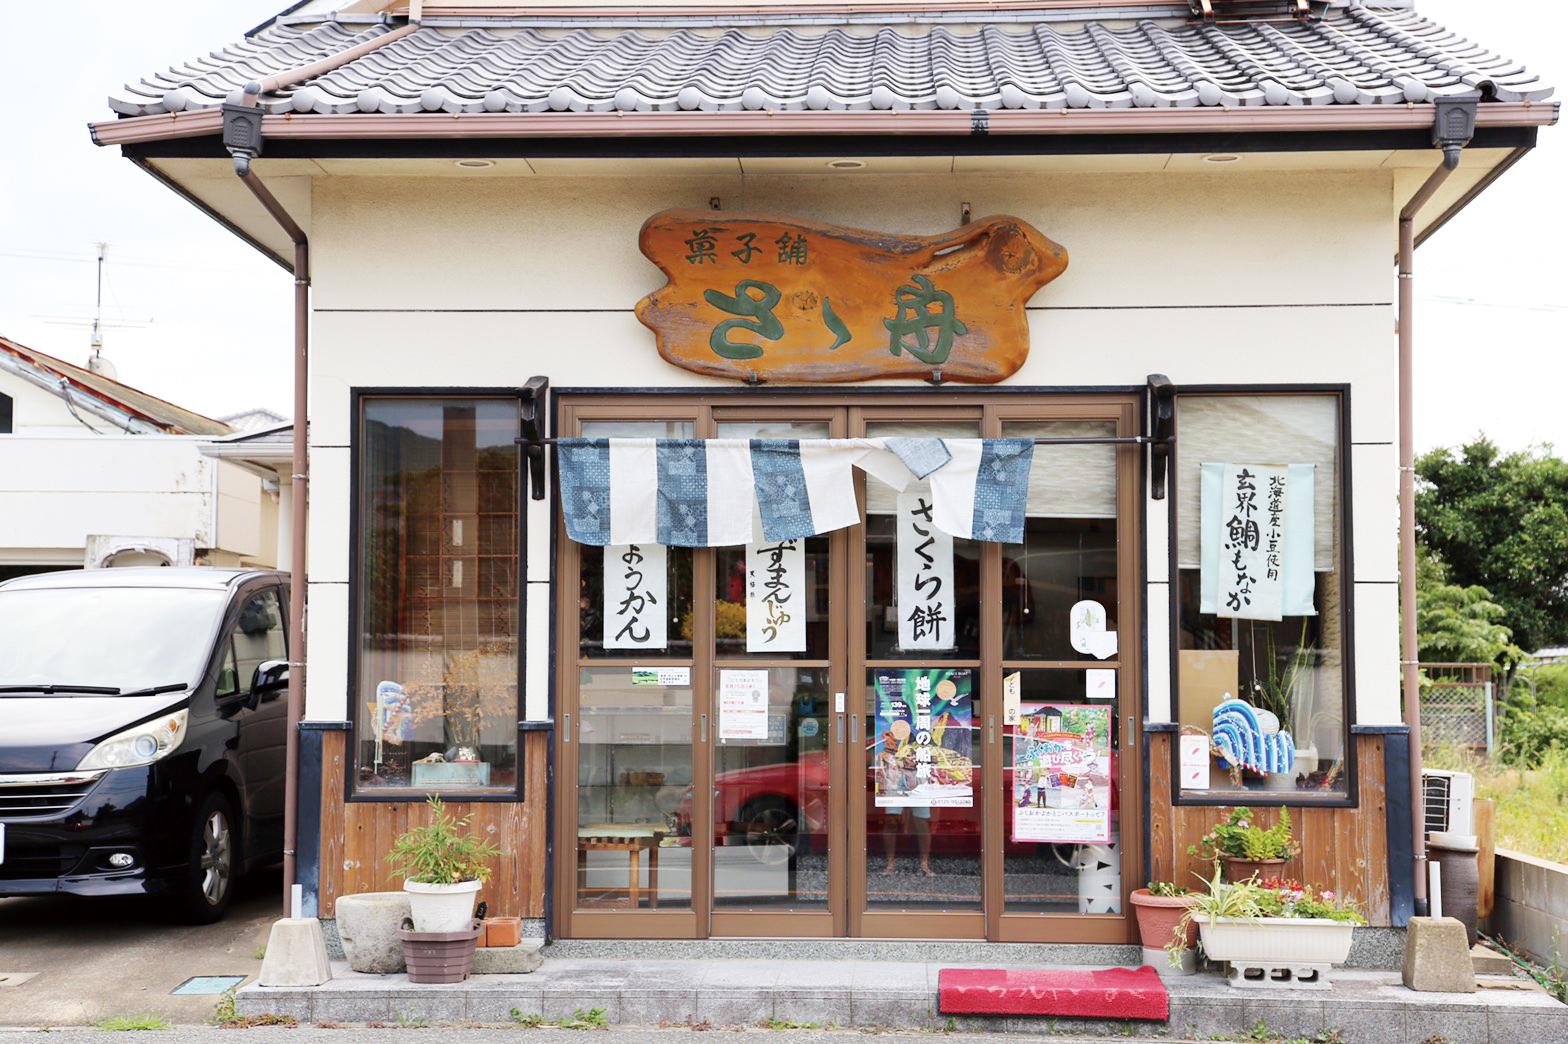 菓子舗 さゝ舟 津屋崎店(カシホ ササブネ ツヤザキテン)